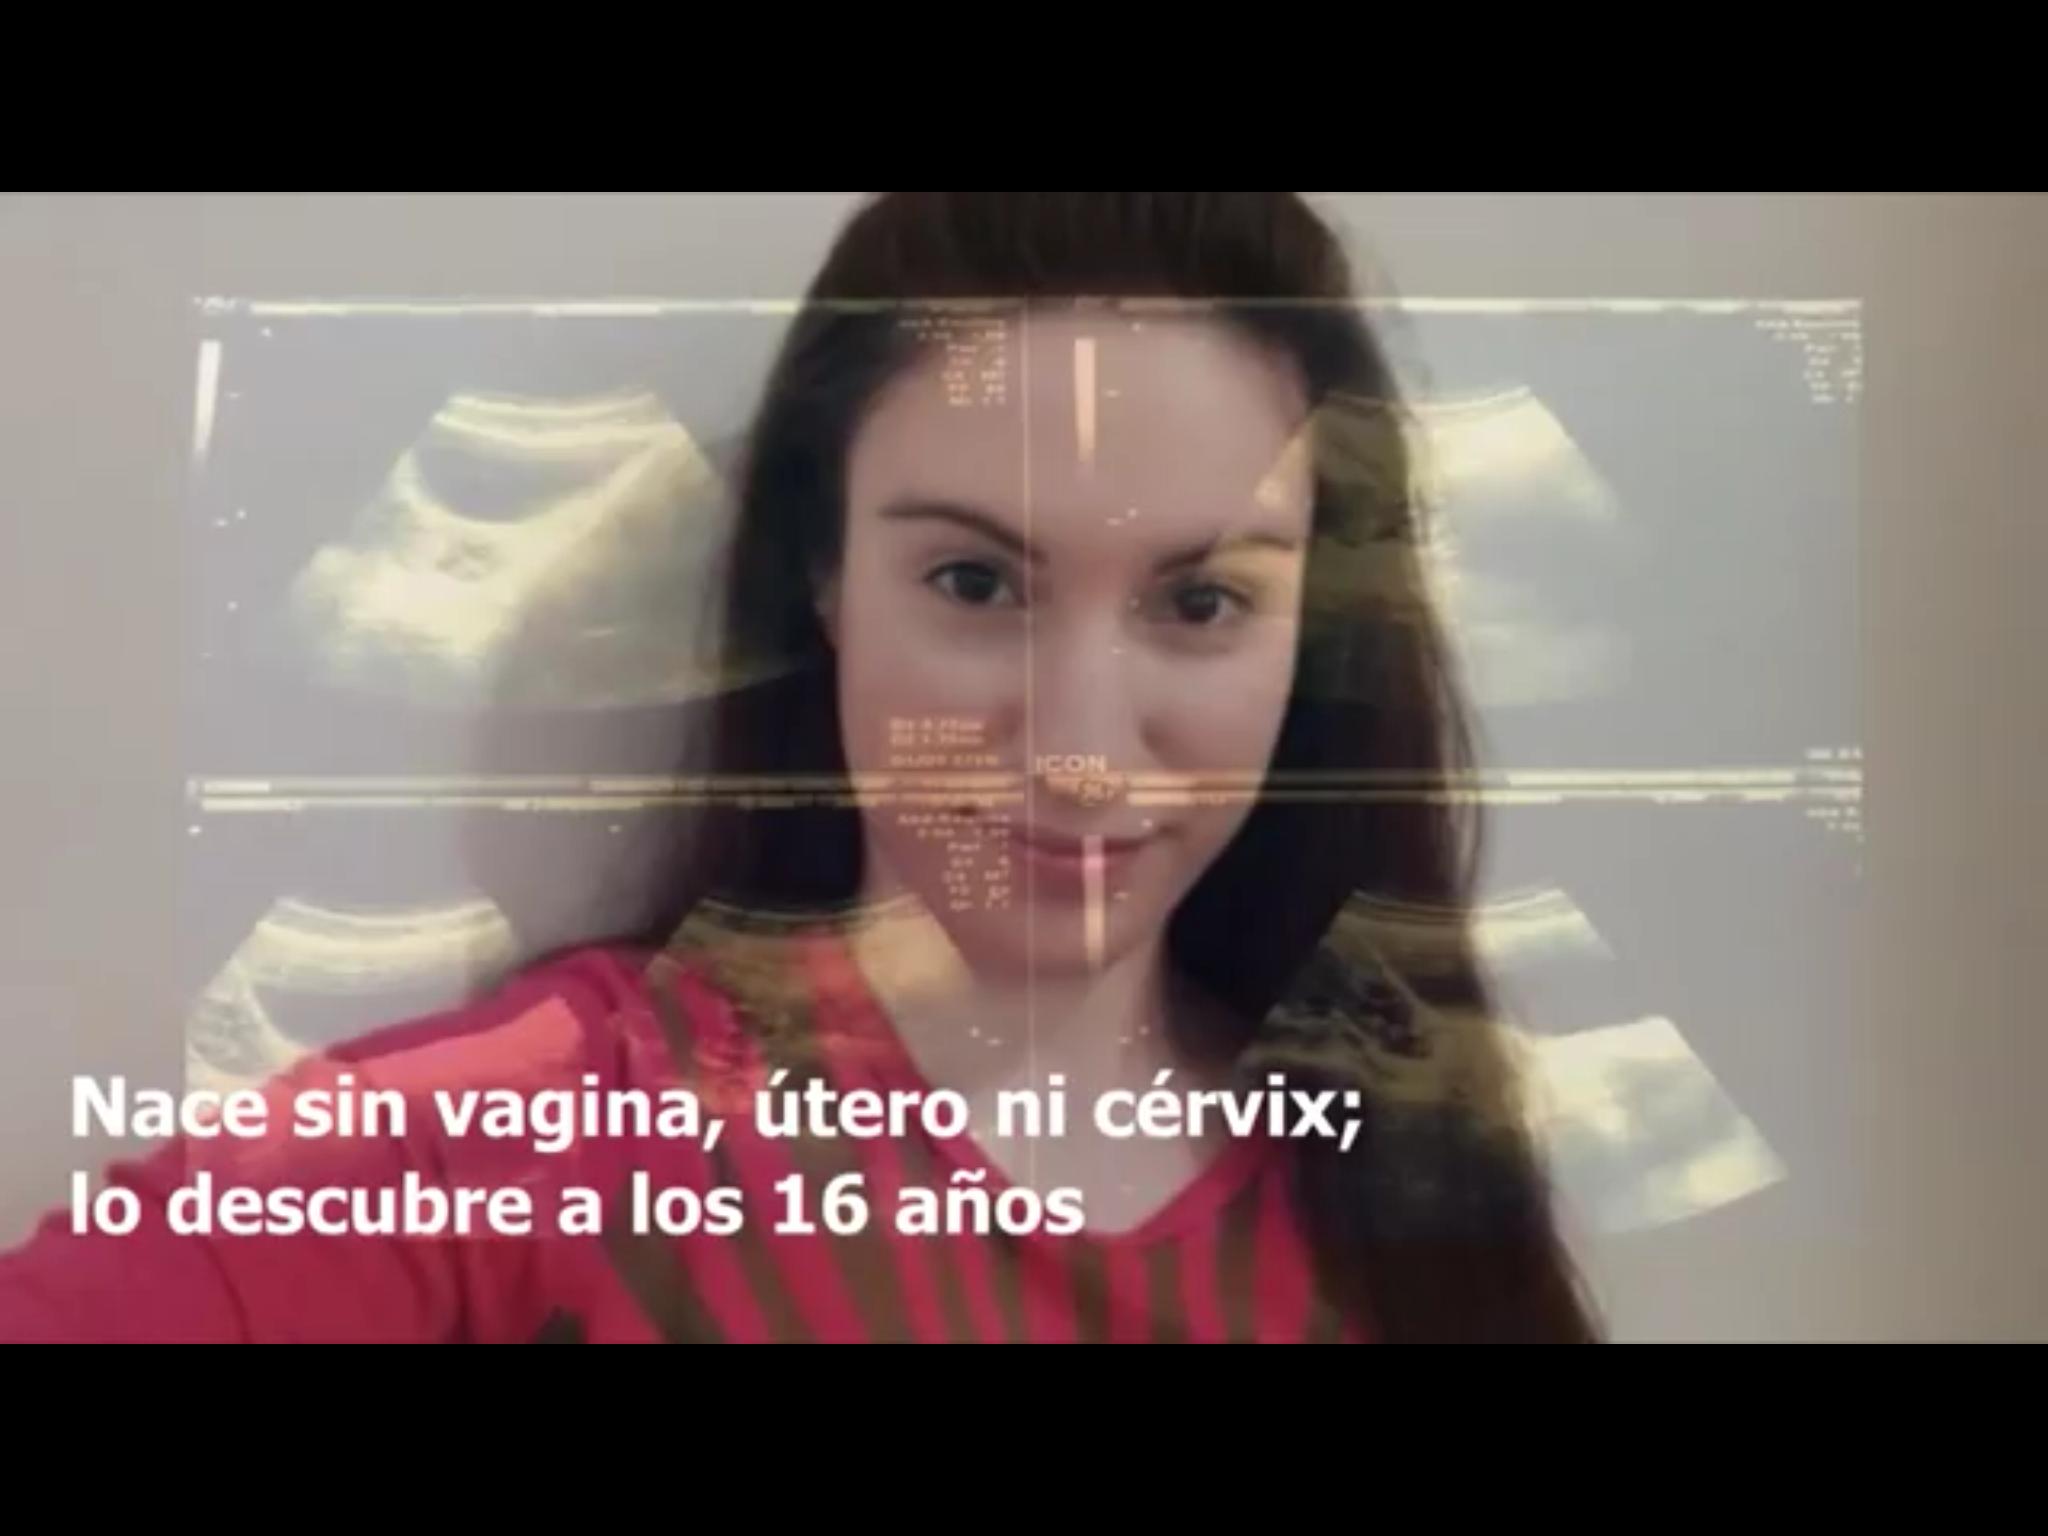 VIDEO: Nace sin vagina, útero ni cérvix; lo descubre años después